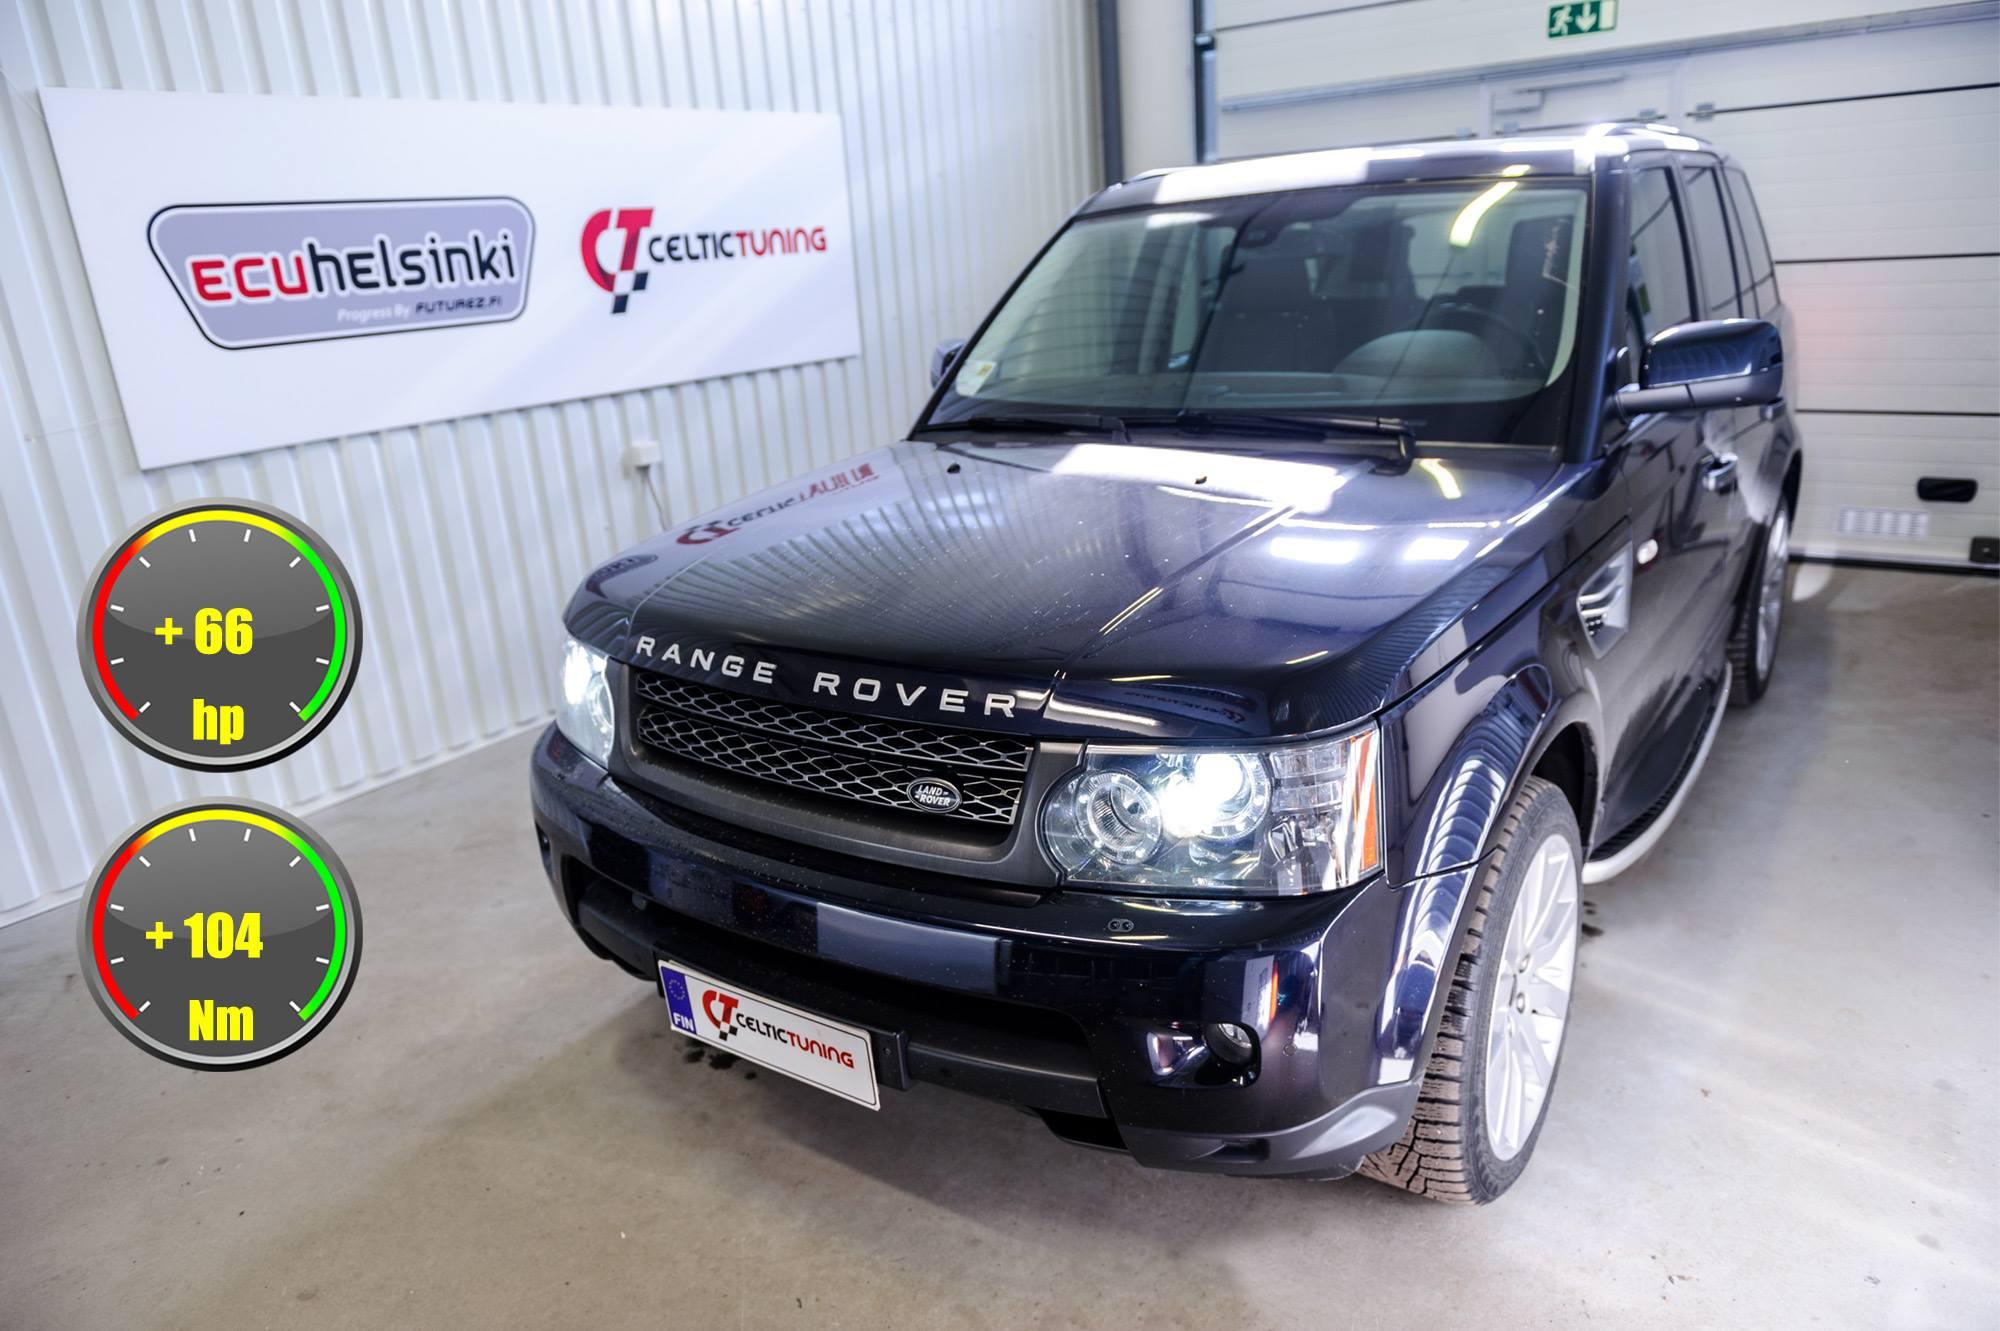 Range Rover sport lastutus celtic tu